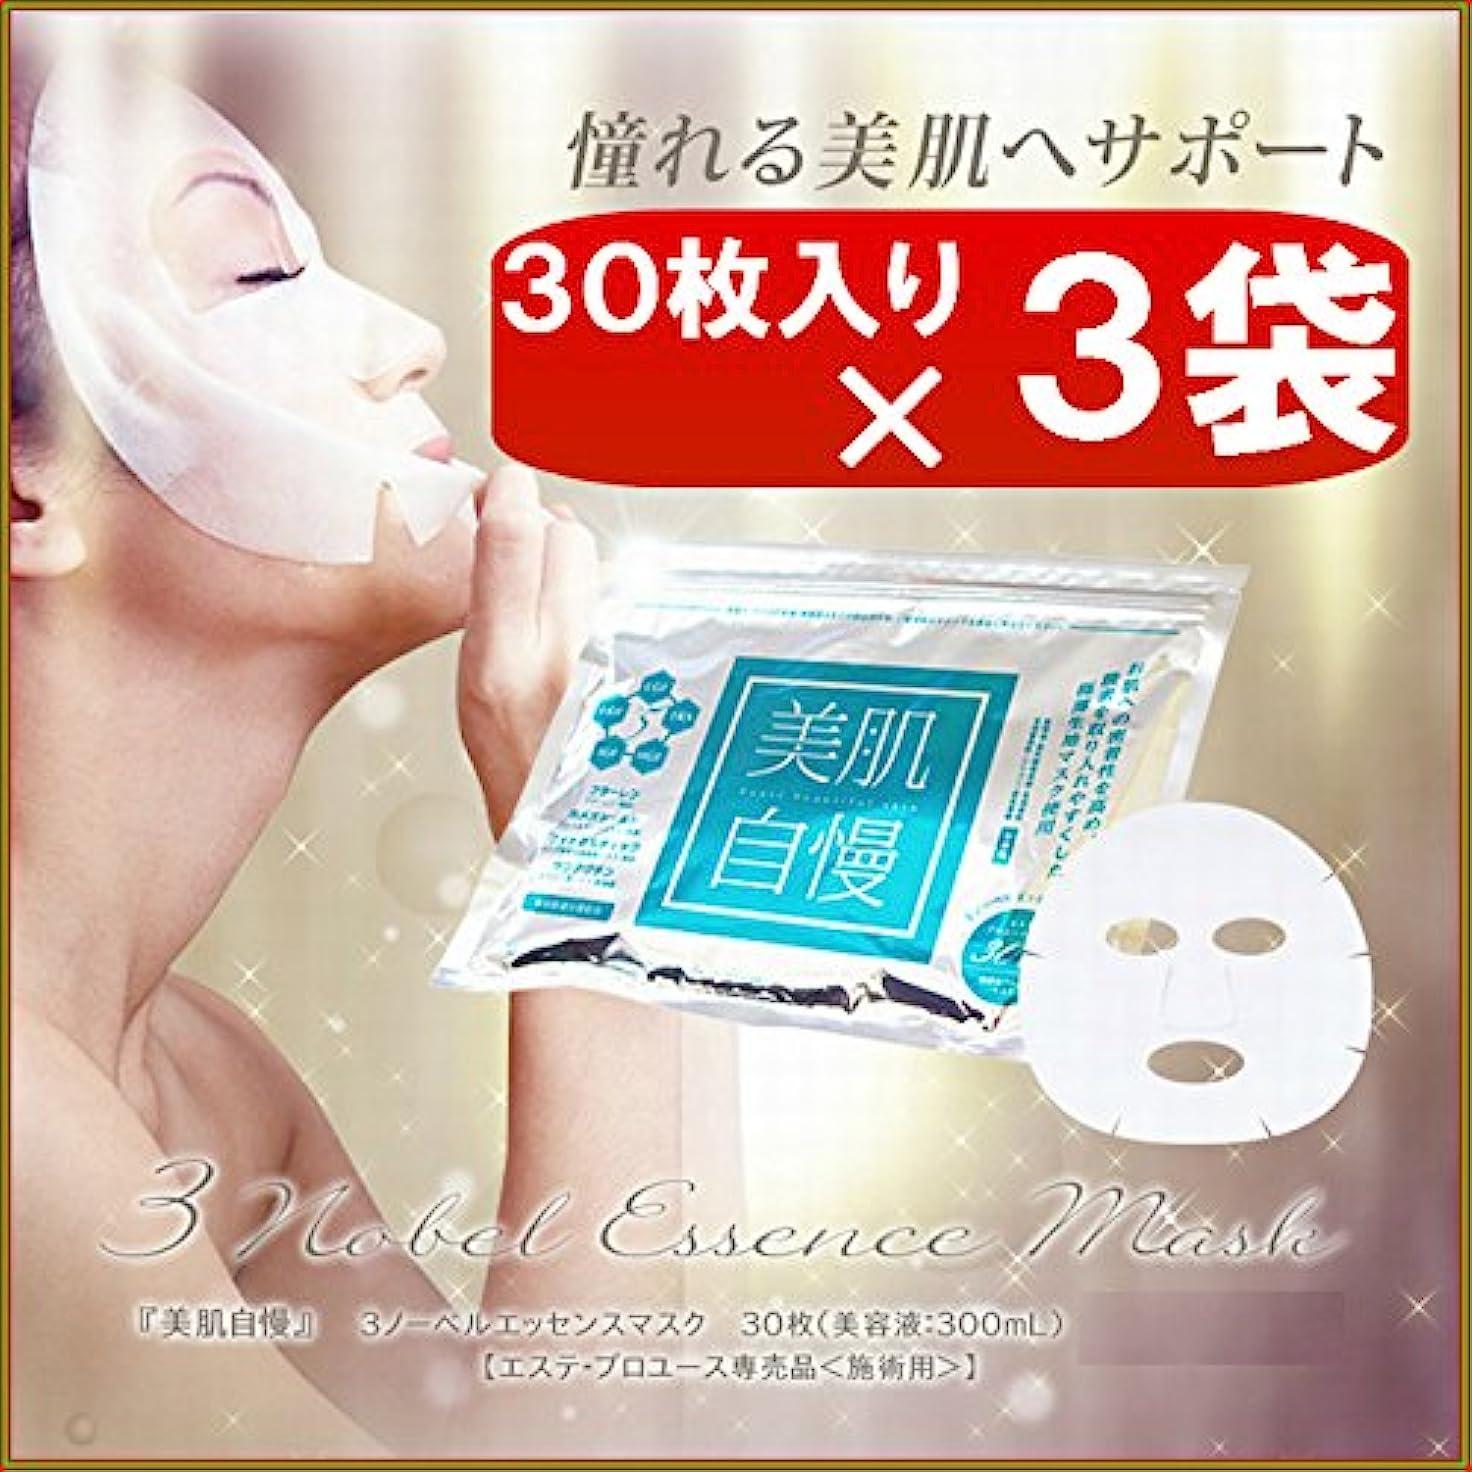 けん引潜むハンカチ美肌自慢フェイスマスク 30枚入り ×お得3袋セット 《エッセンスマスク、EGF、IGF、ヒアルロン酸、プラセンタ、アルブチン、カタツムリエキス、しみ、しわ》